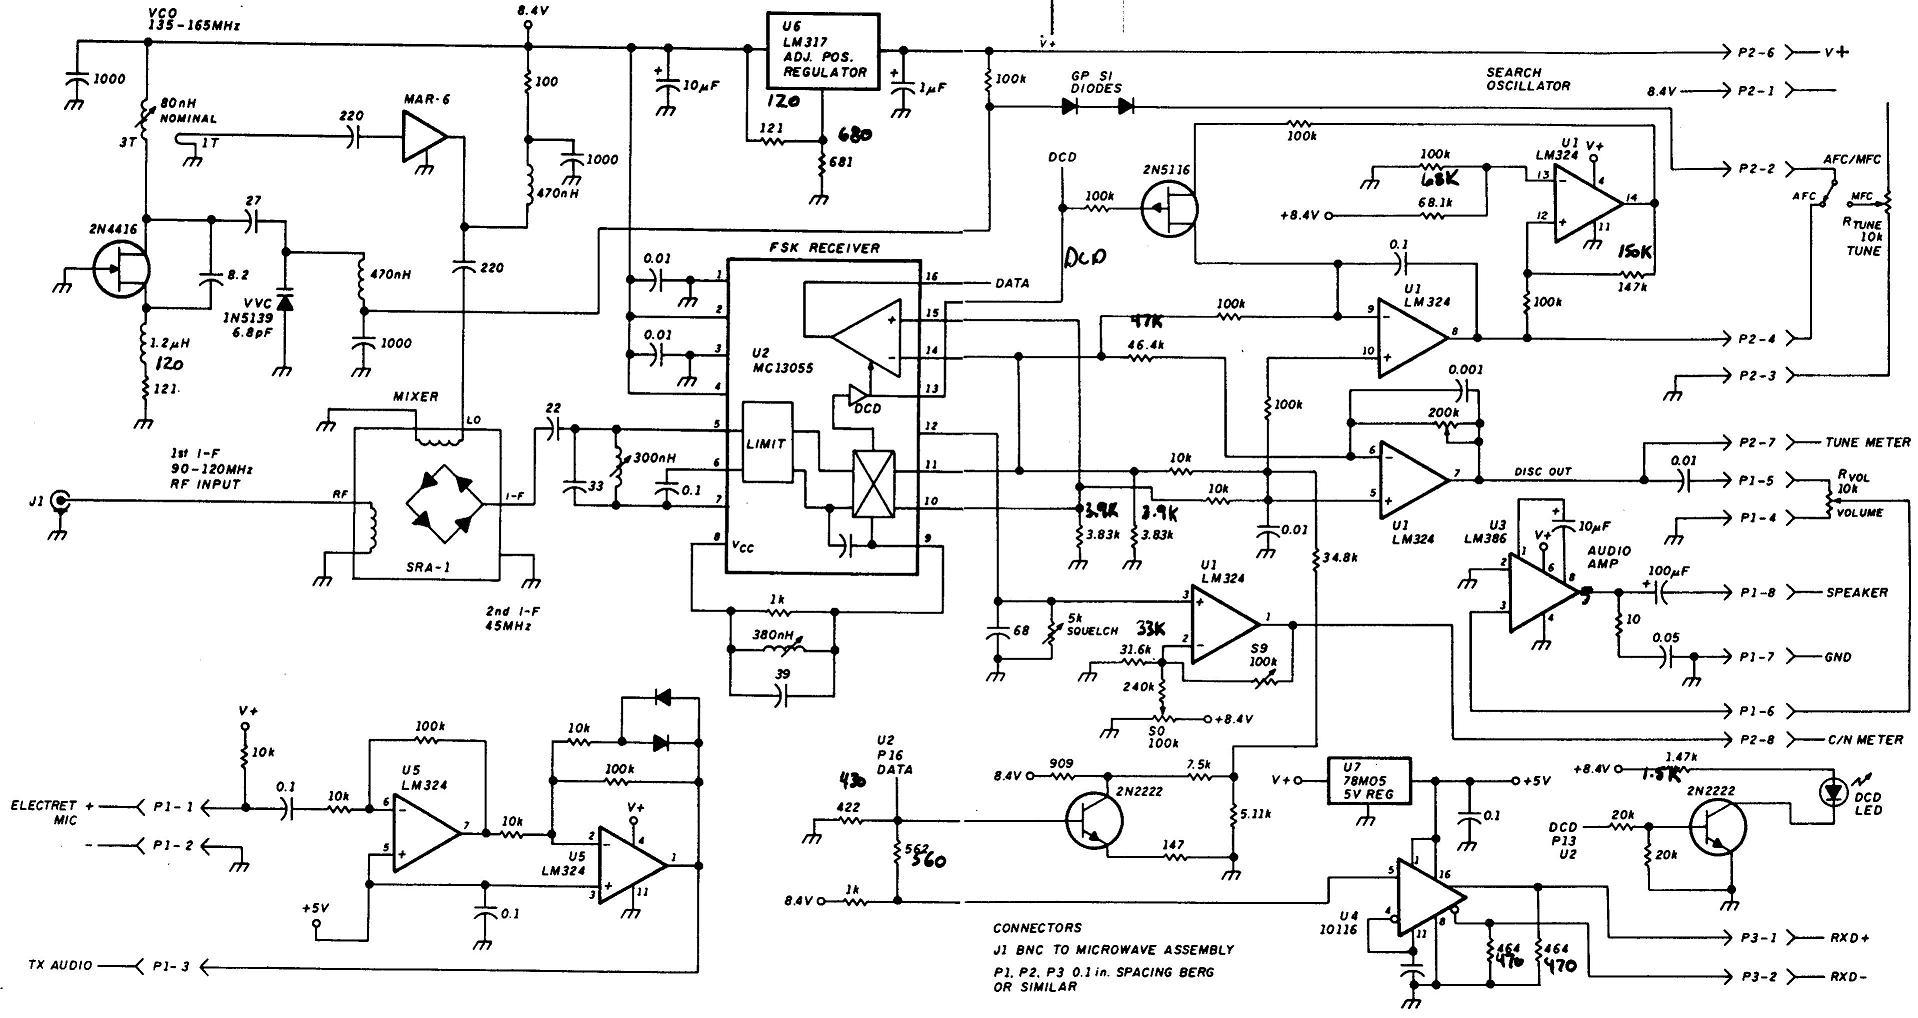 Schemi Elettrici Impianti Industriali : Progettazione quaini